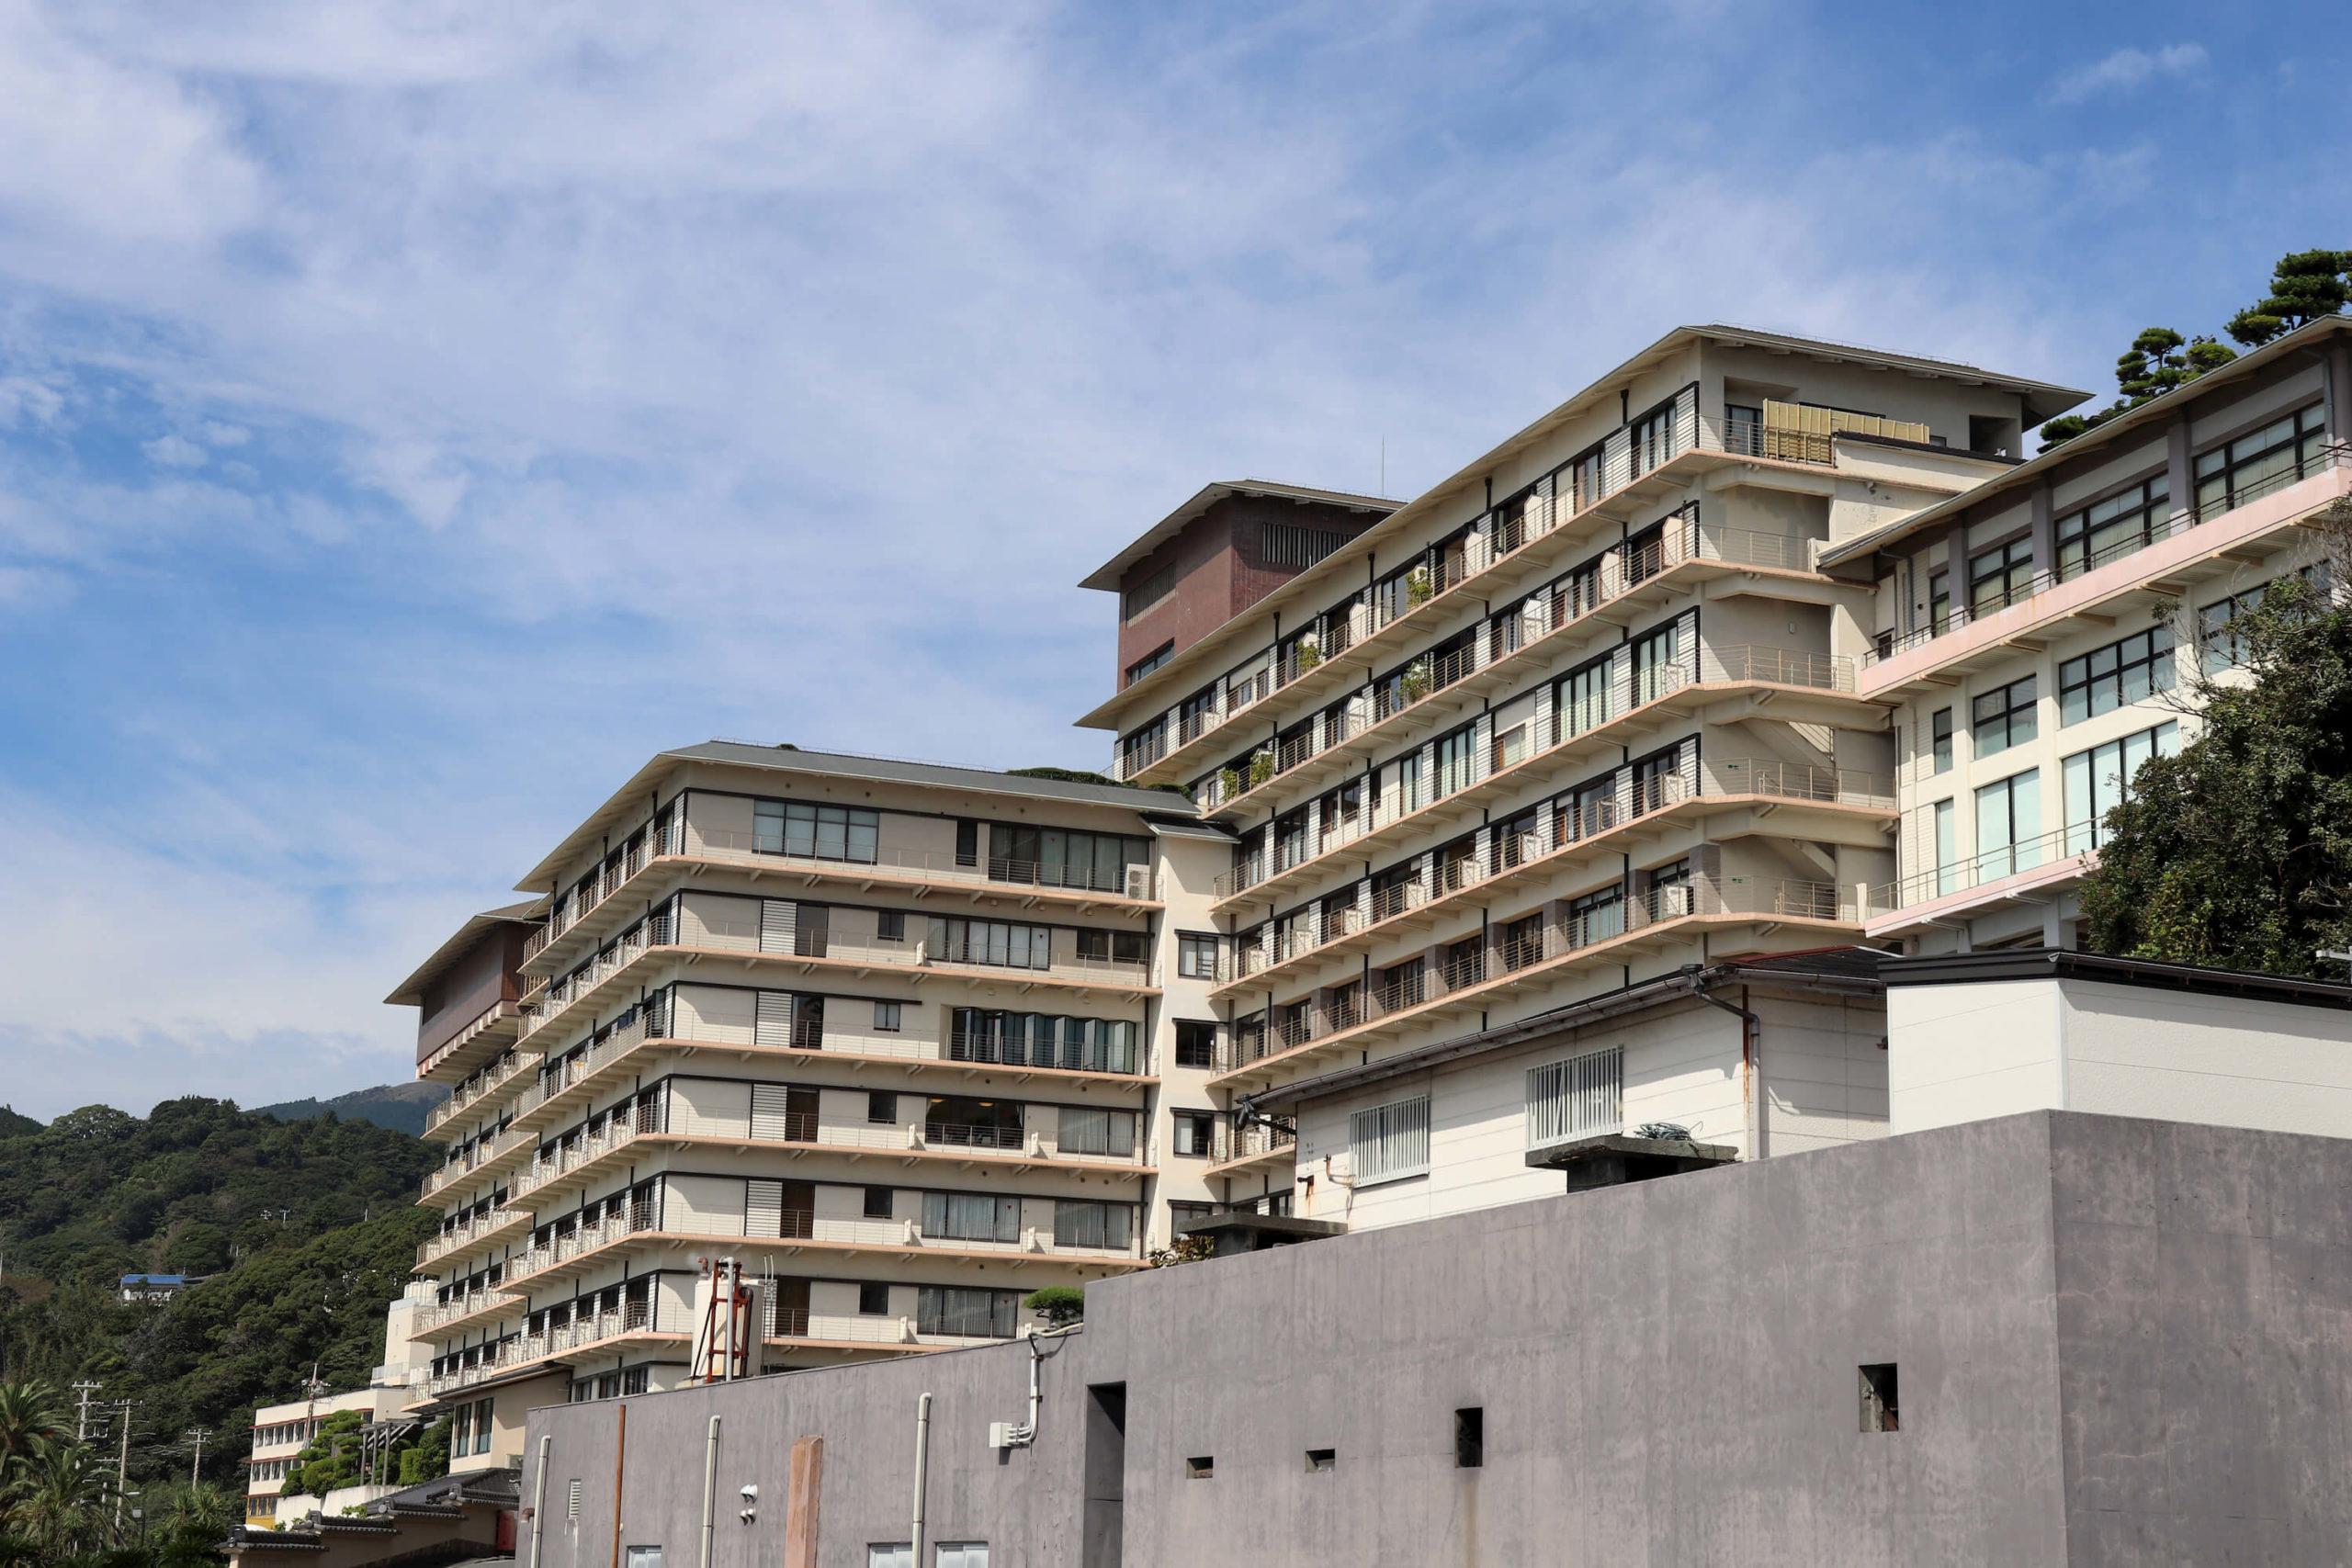 伊豆稲取のオーシャンビュー旅館の稲取銀水荘